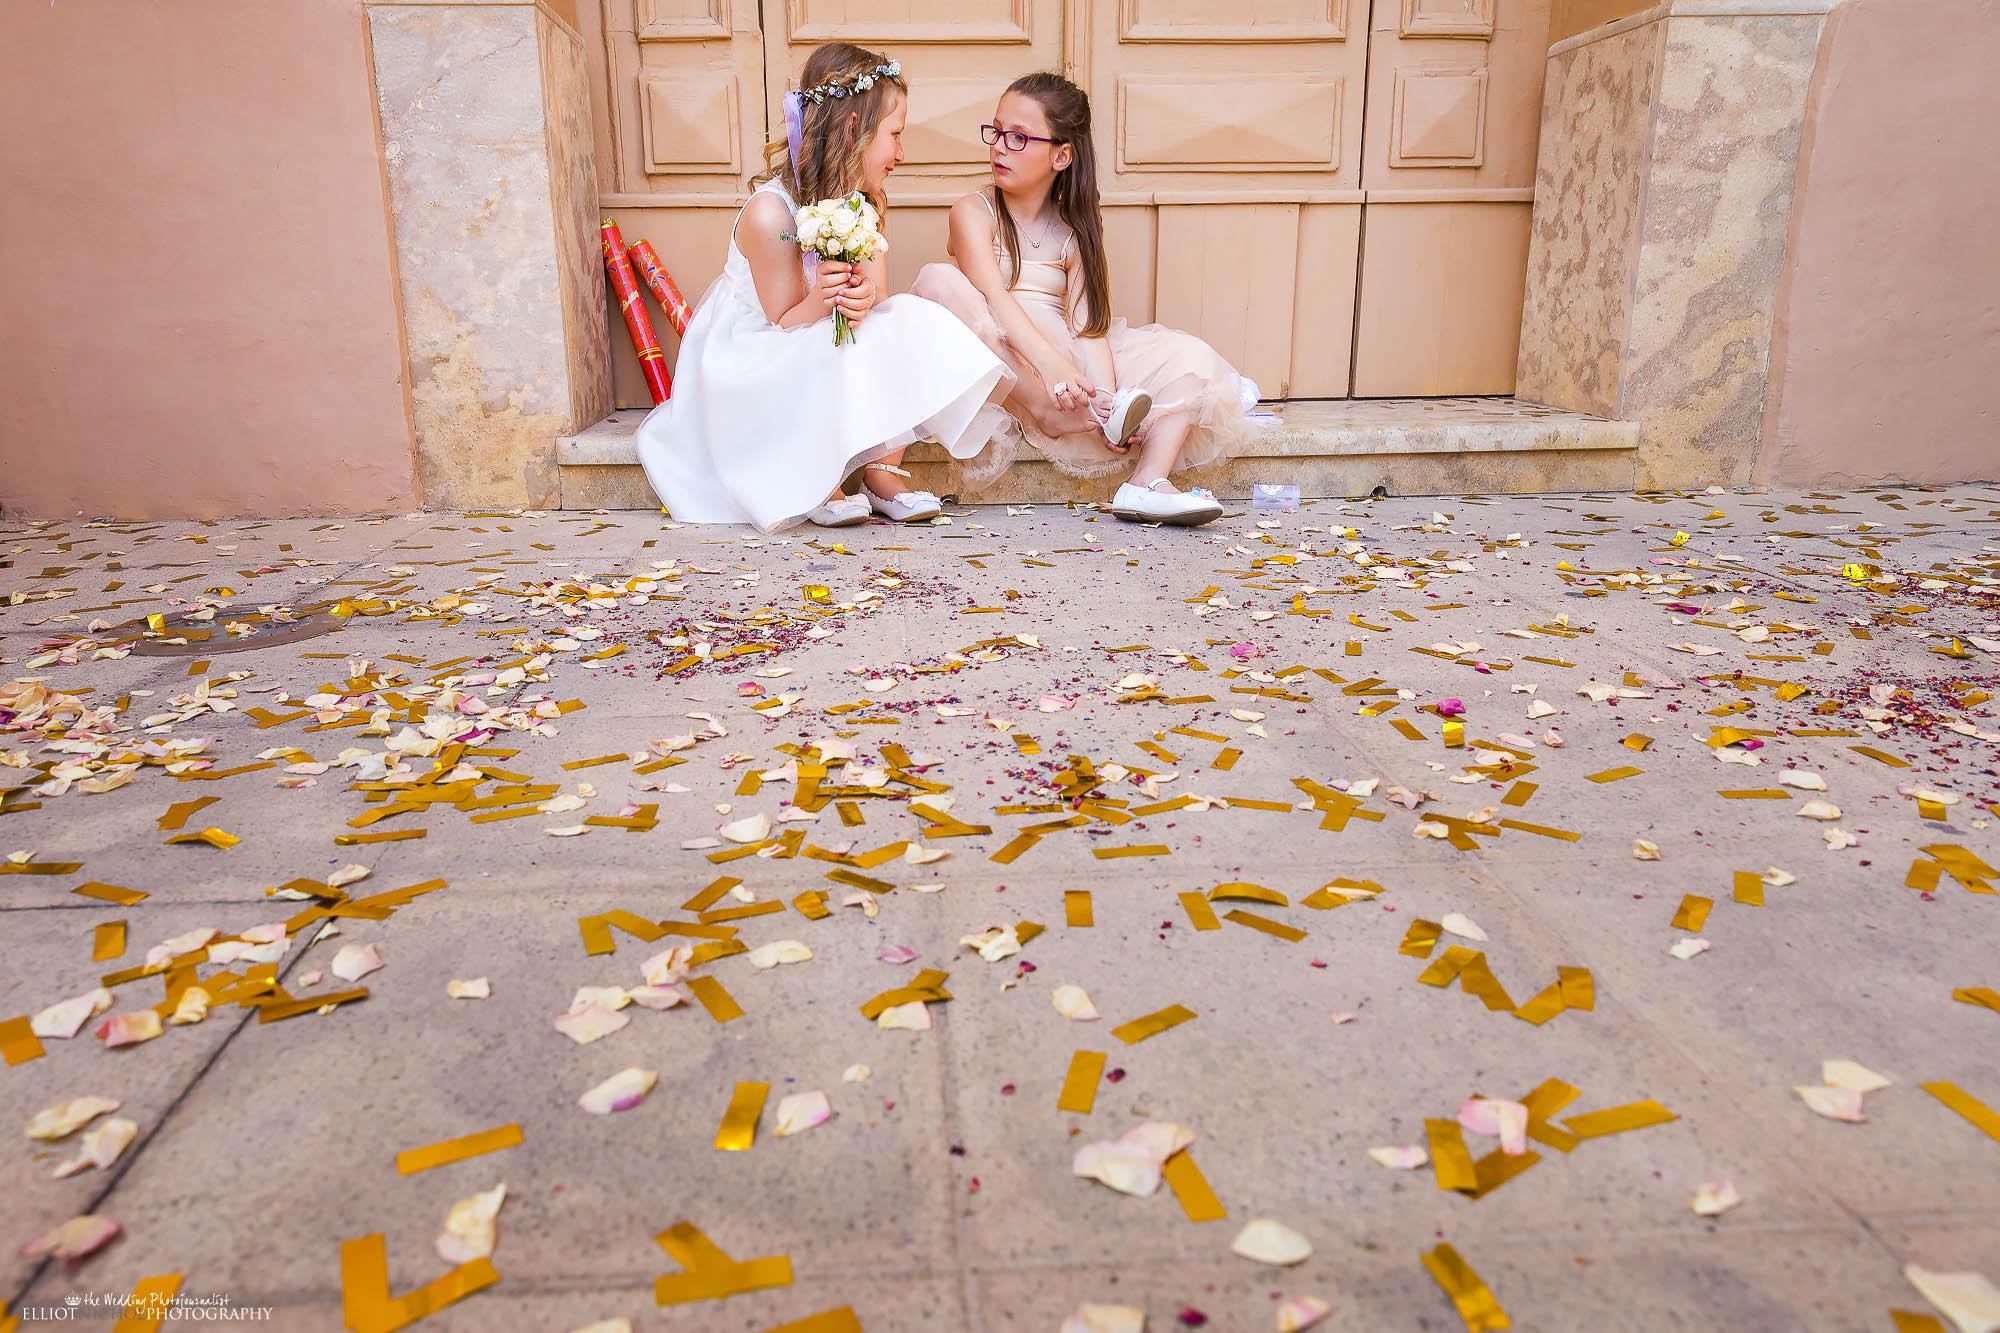 flower-girls-church-steps-confetti-wedding-photography